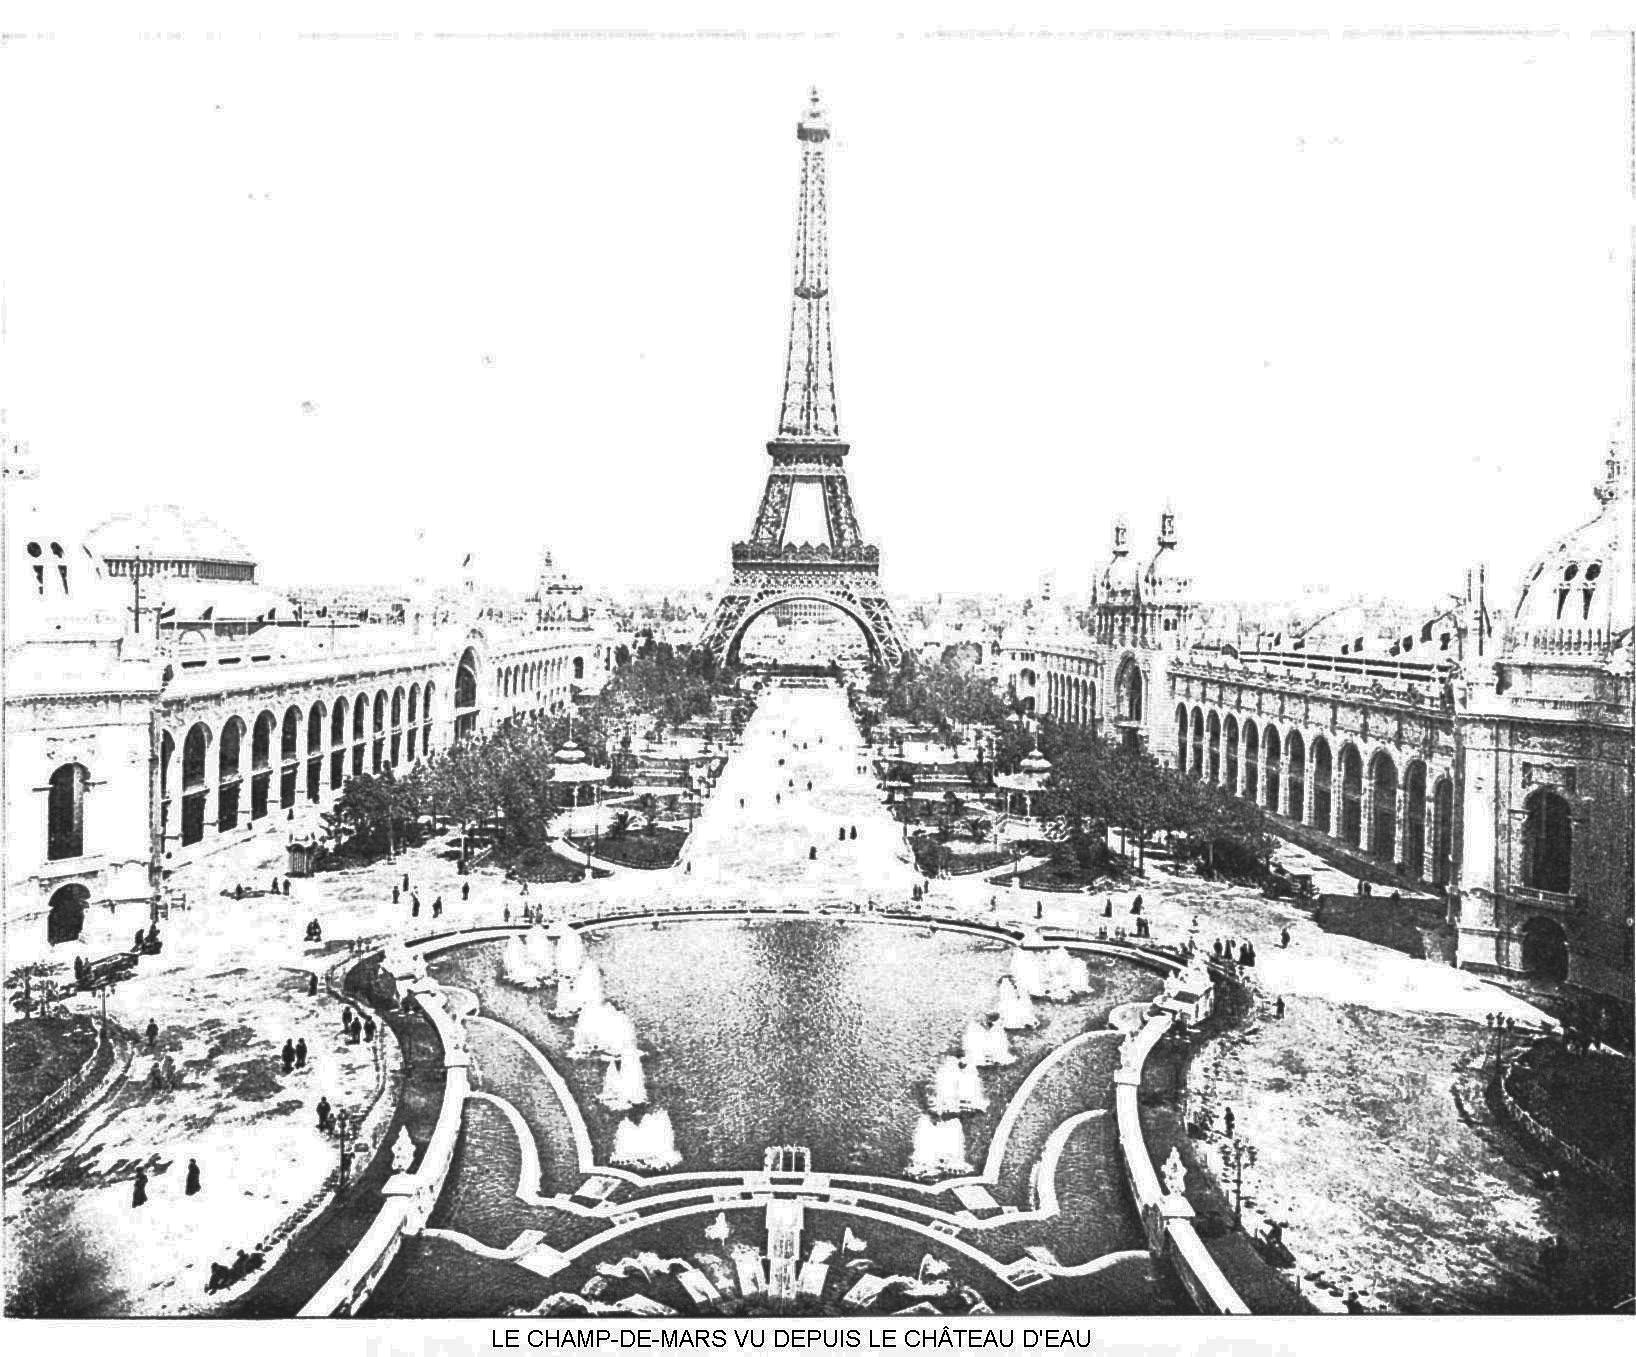 Ressources histoire exposition universelle 1900 le champ de mars vu depuis el chateau d eau